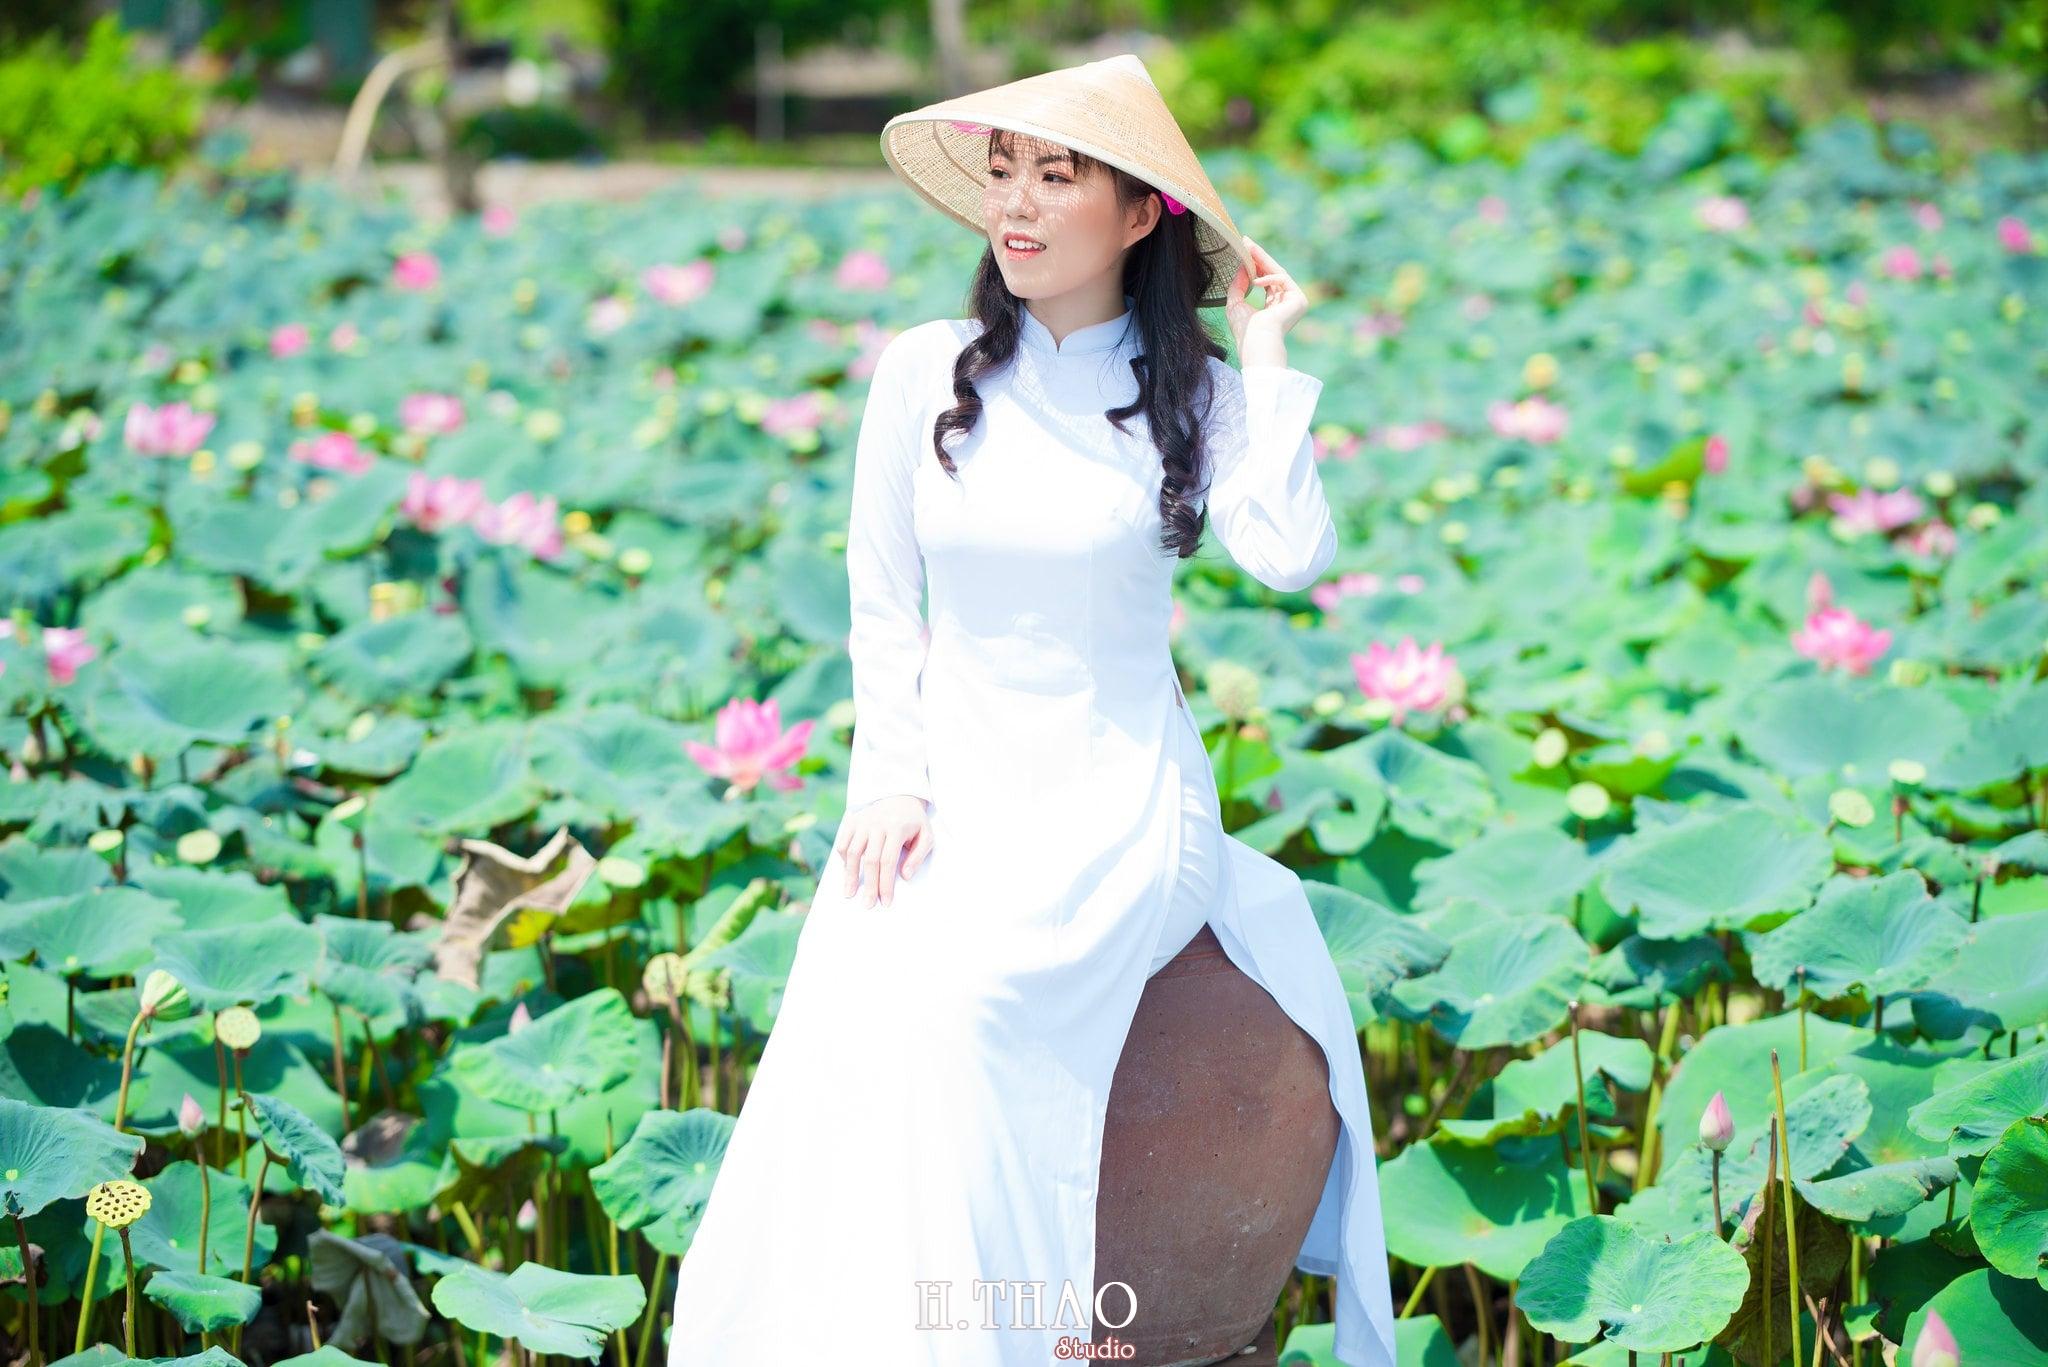 nh áo dài hoa sen 3 - Góc ảnh thiếu nữ áo dài bên hoa sen đẹp tinh khôi- HThao Studio